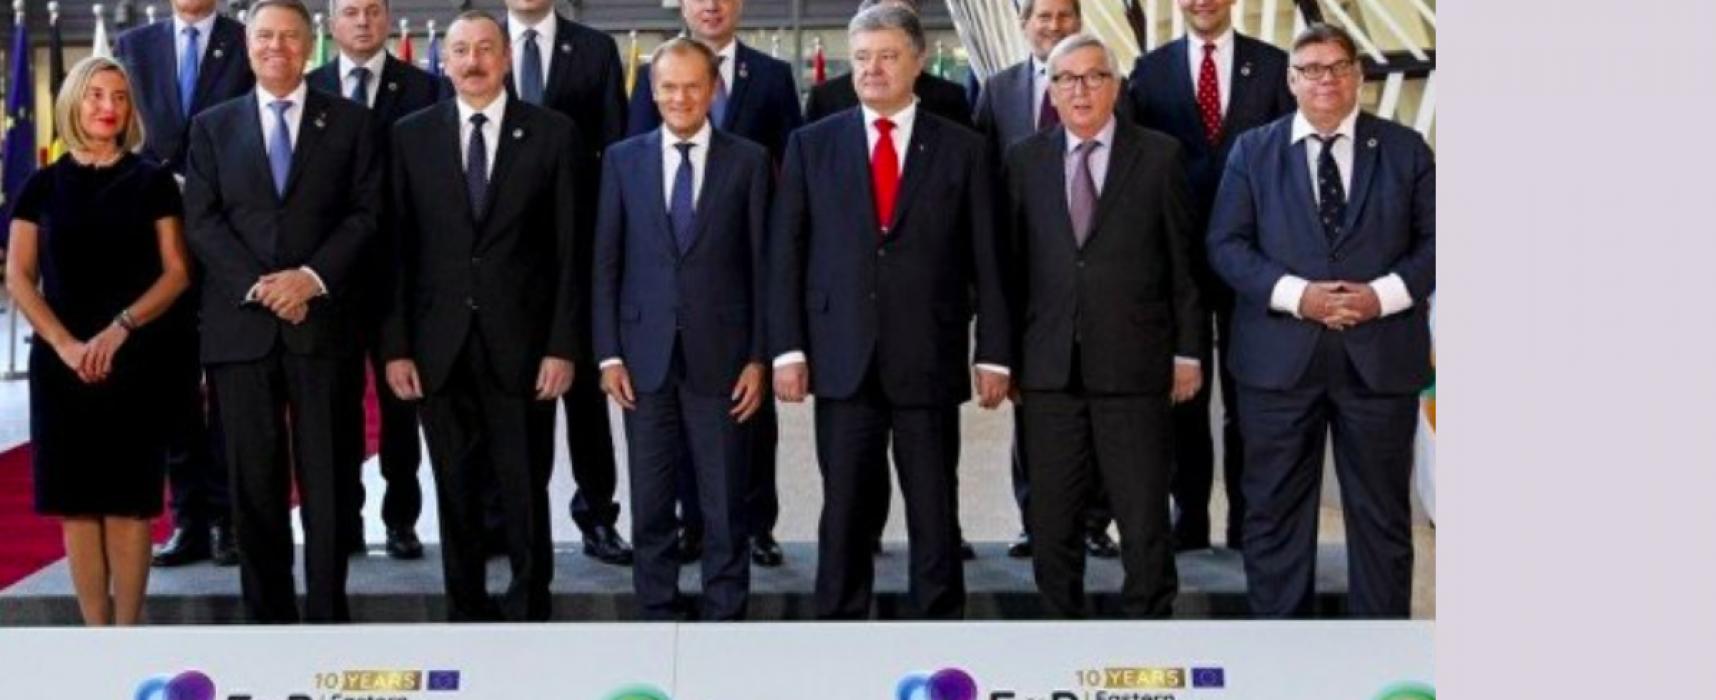 Östliche Partnerschaft = Allianz gegen Russland. Fälschungen über die EU-Zusammenarbeit der Ukraine